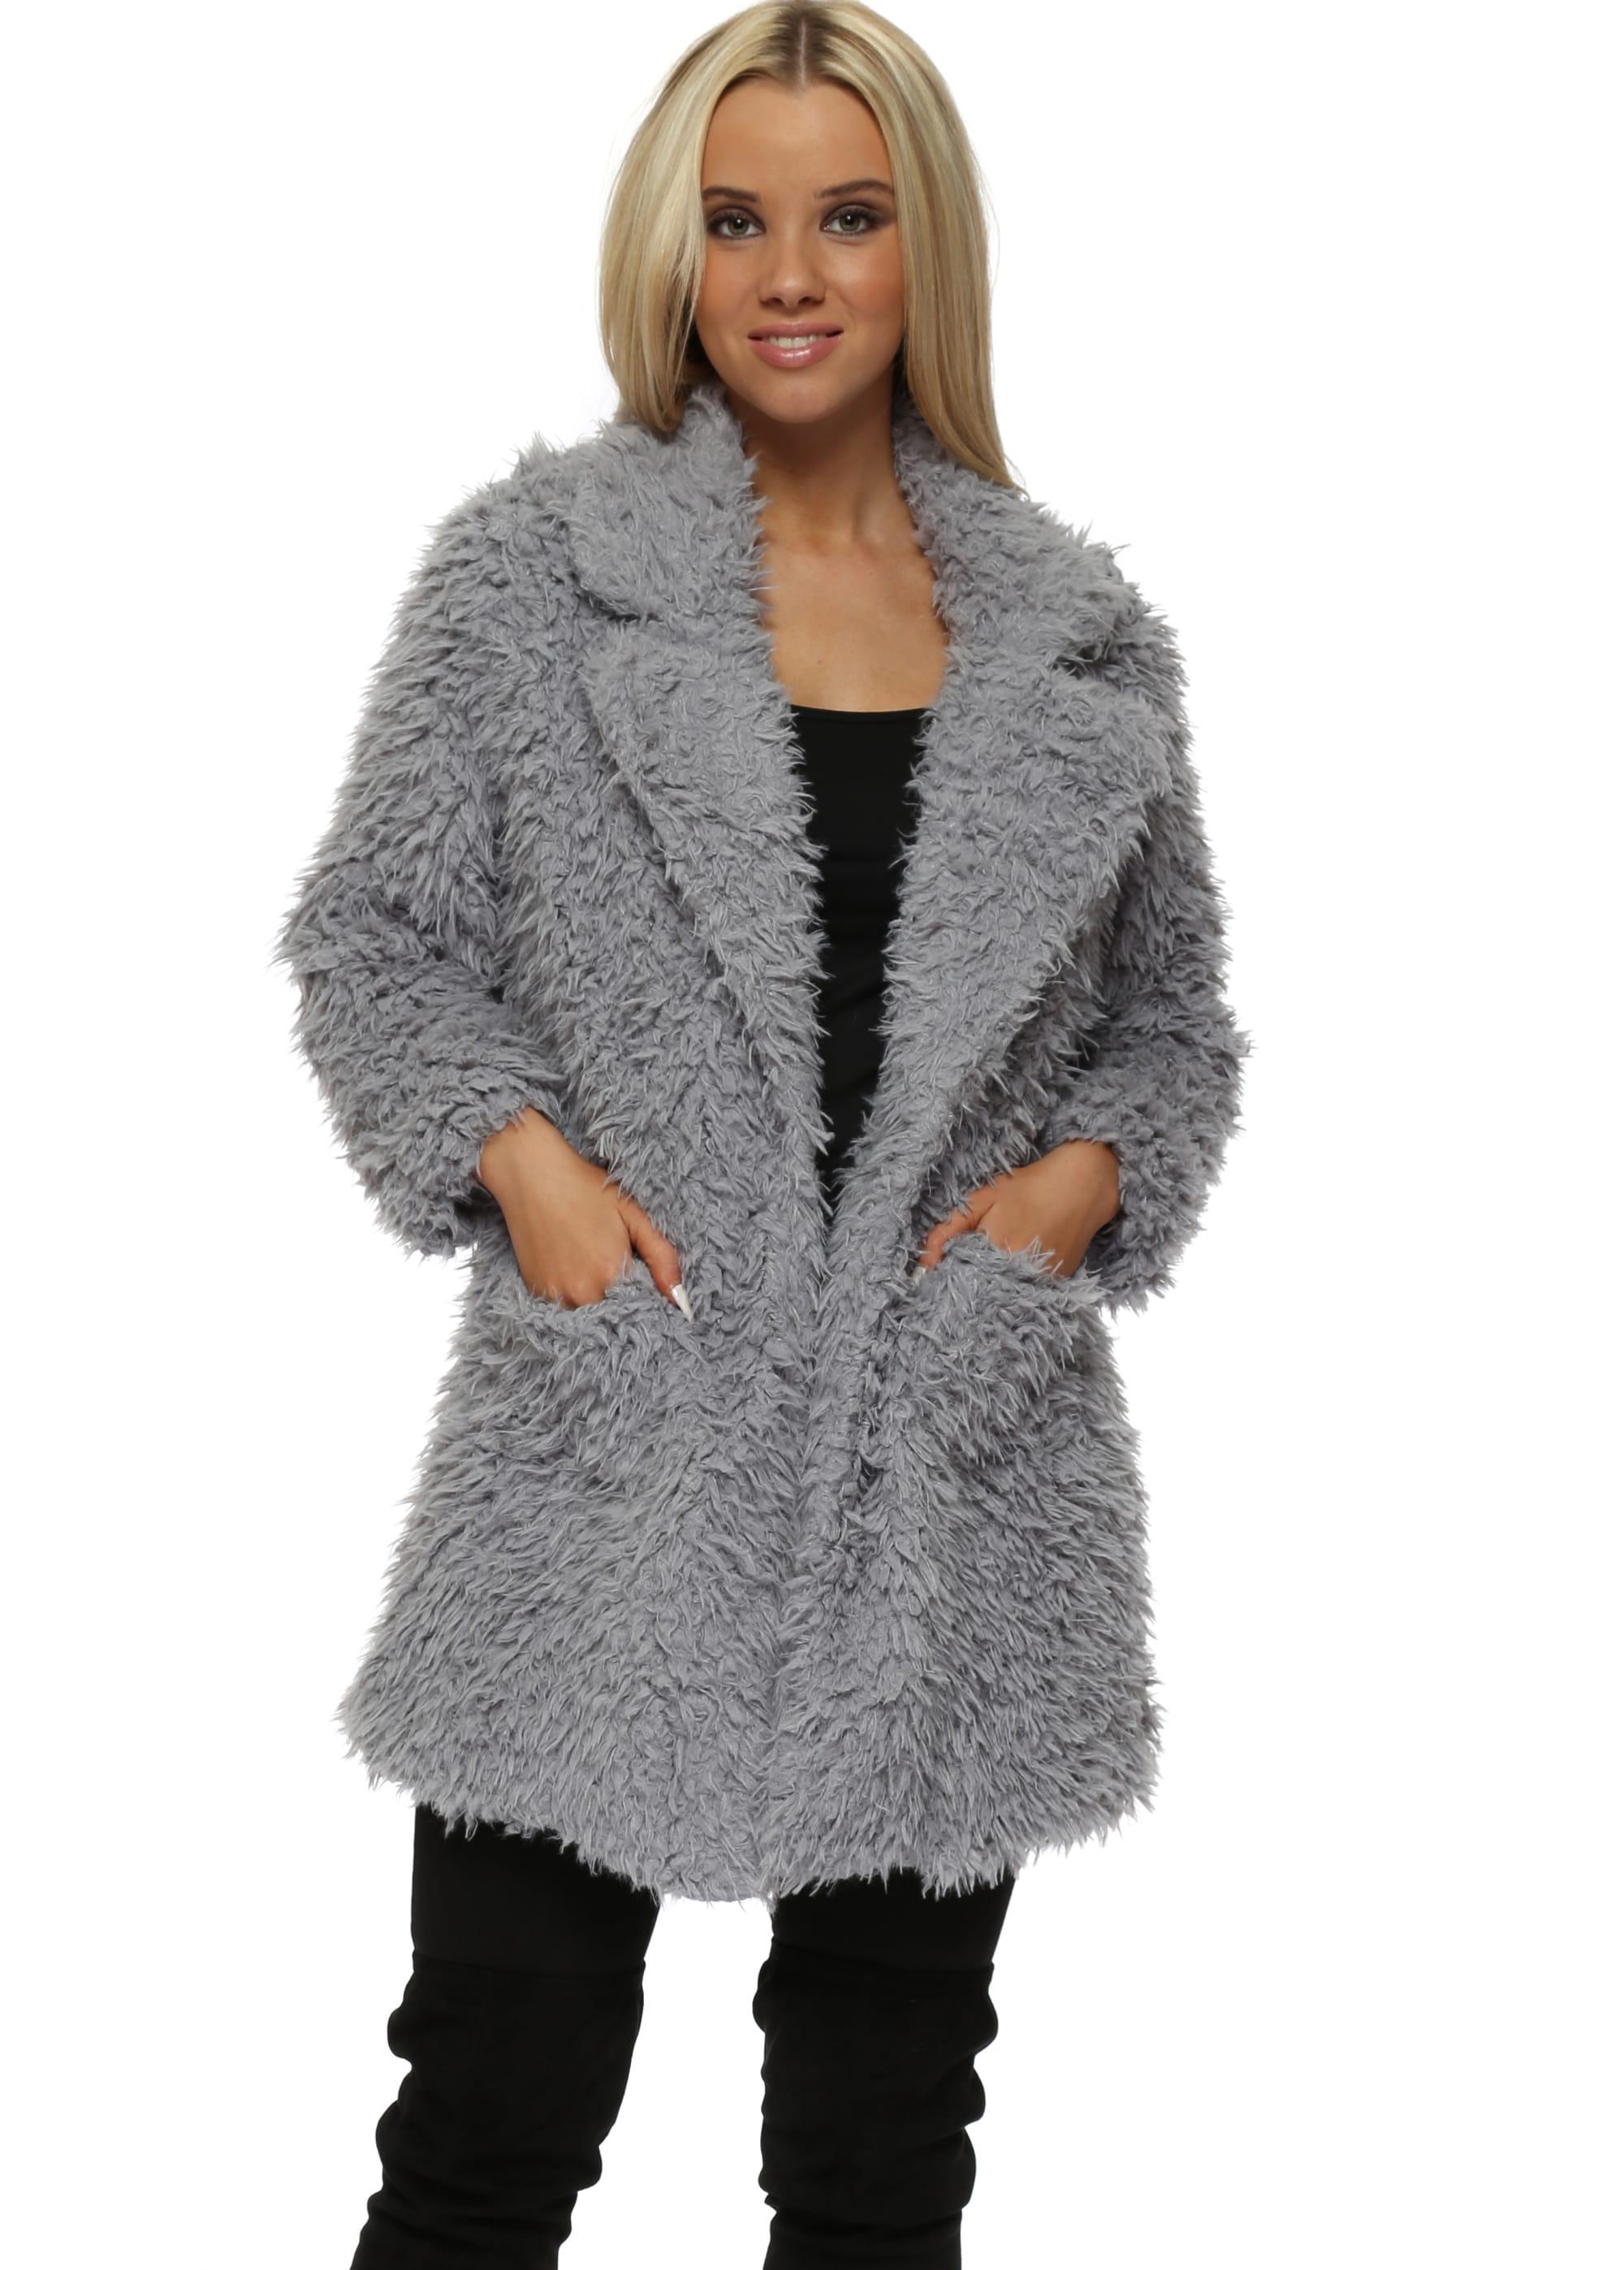 97e3fb65c3e3 Grey Shaggy Faux Fur Coat by Lucy Wang